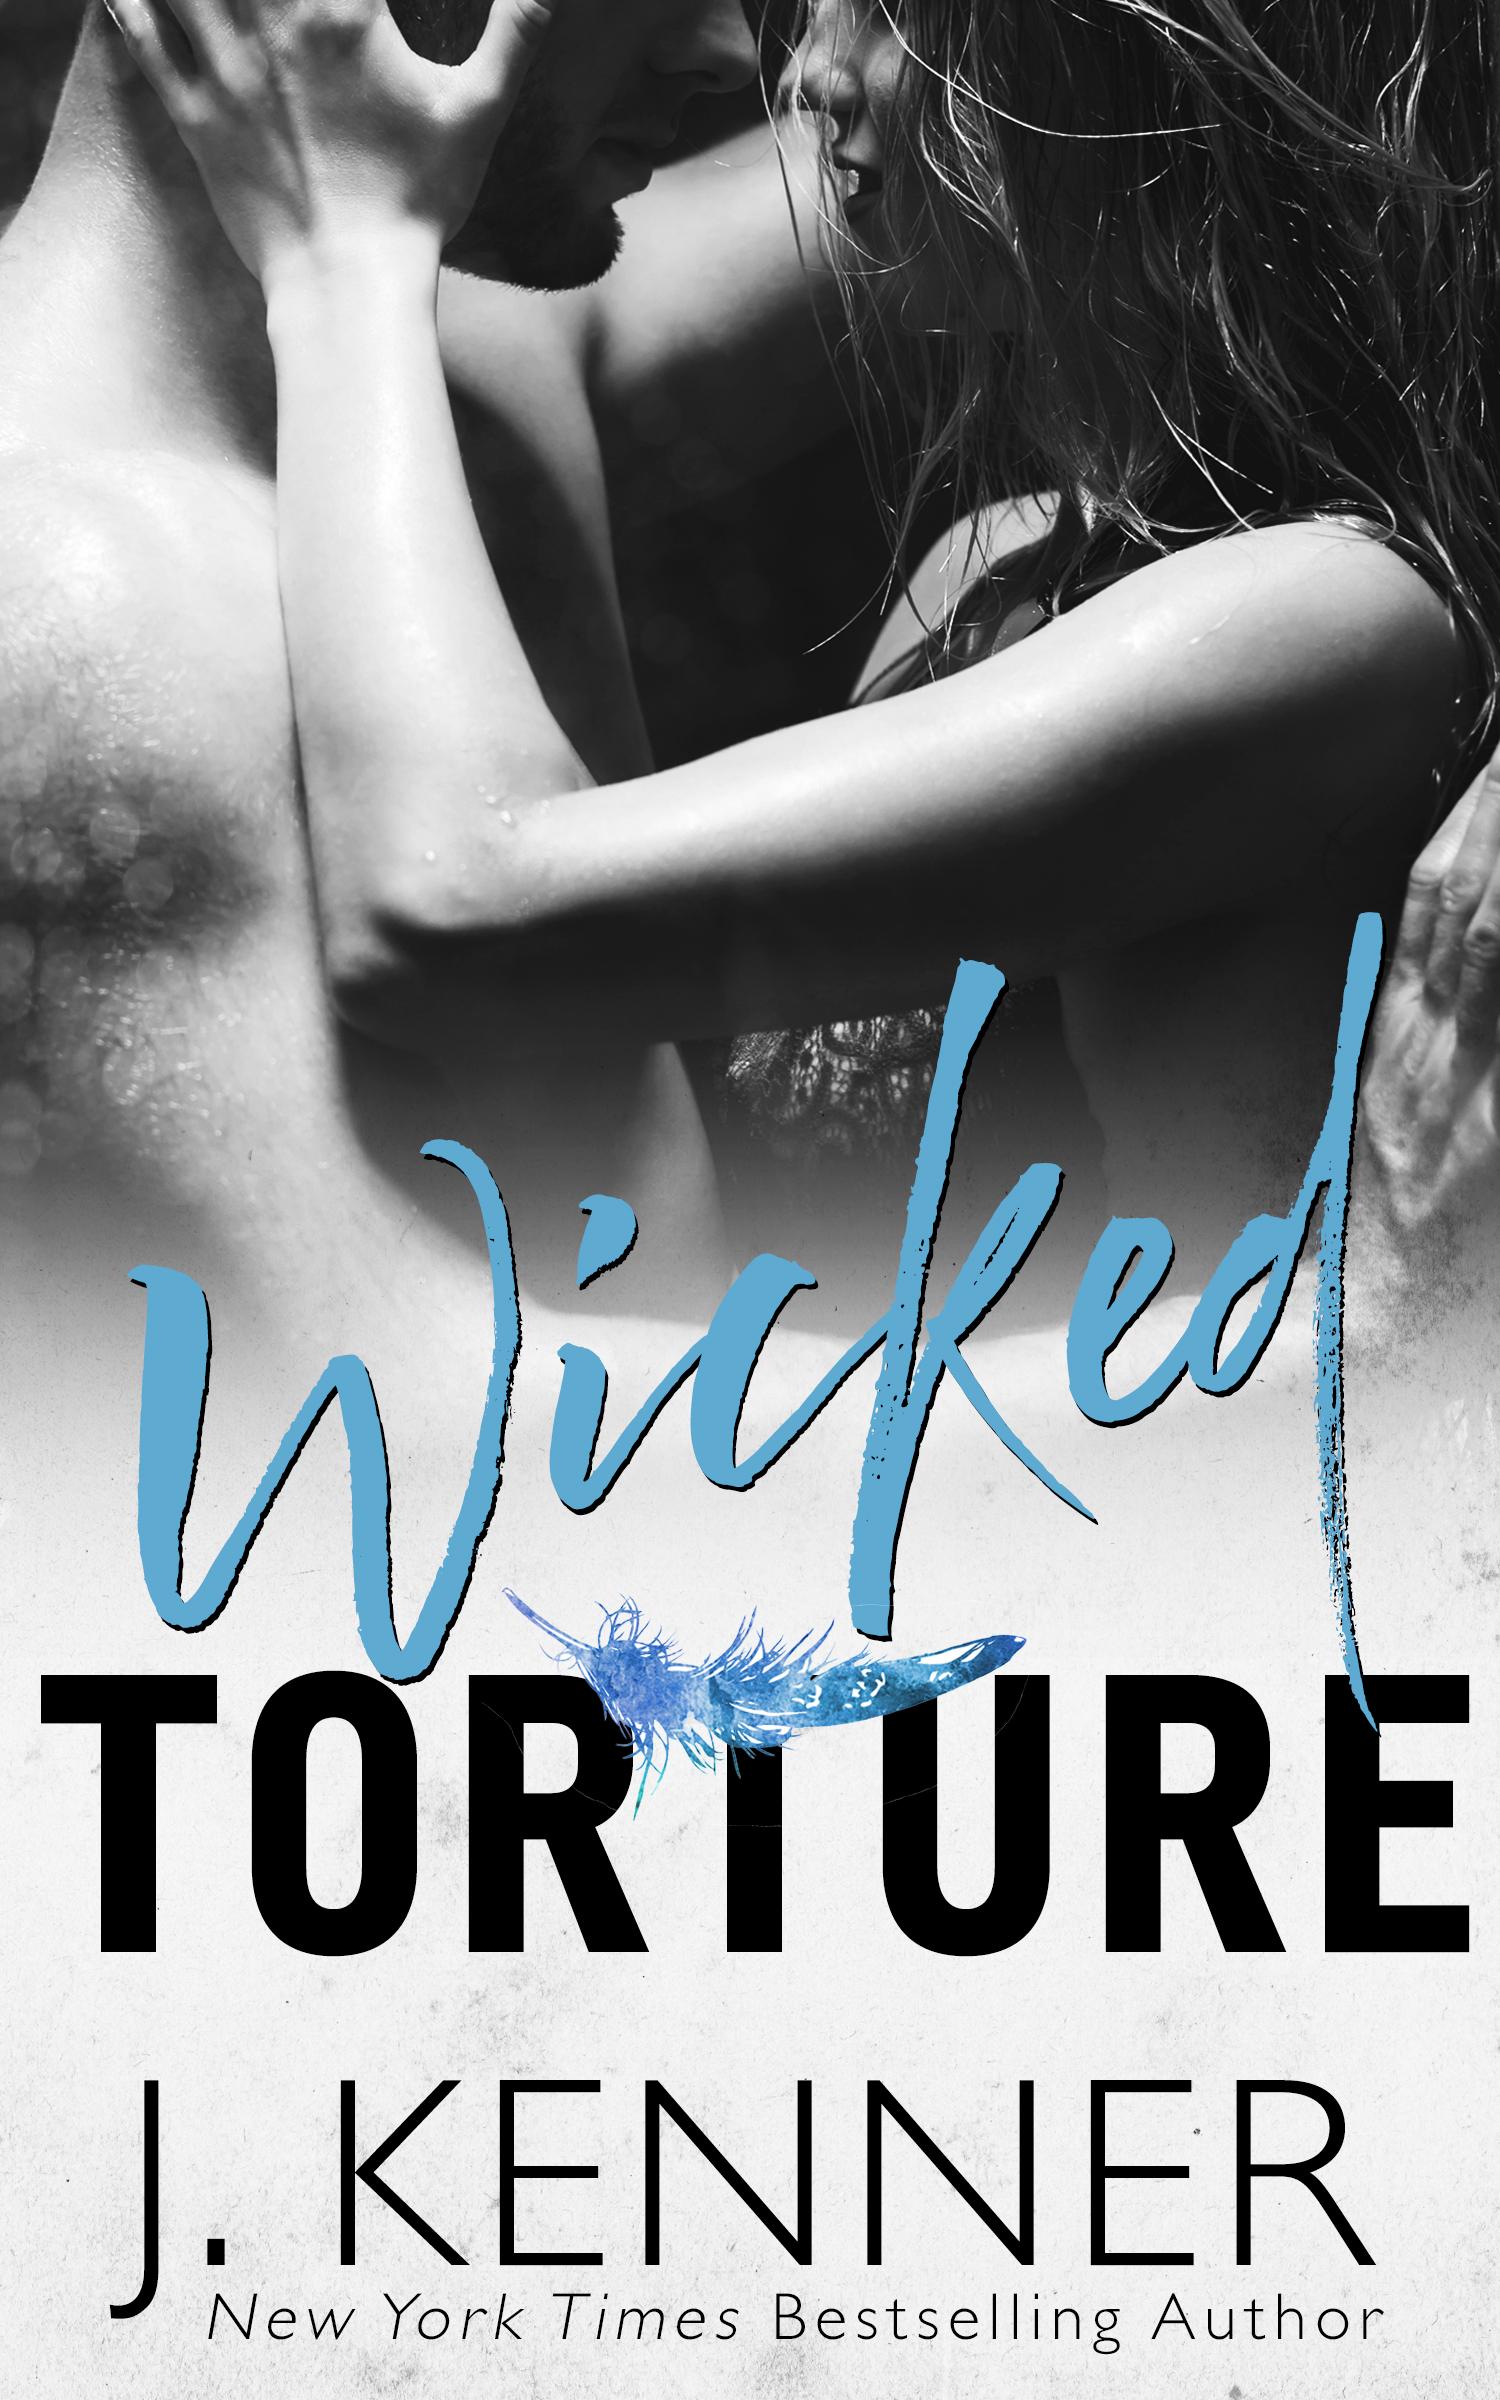 Blog Tour: Wicked Torture by J. Kenner @juliekenner @InkSlingerPR